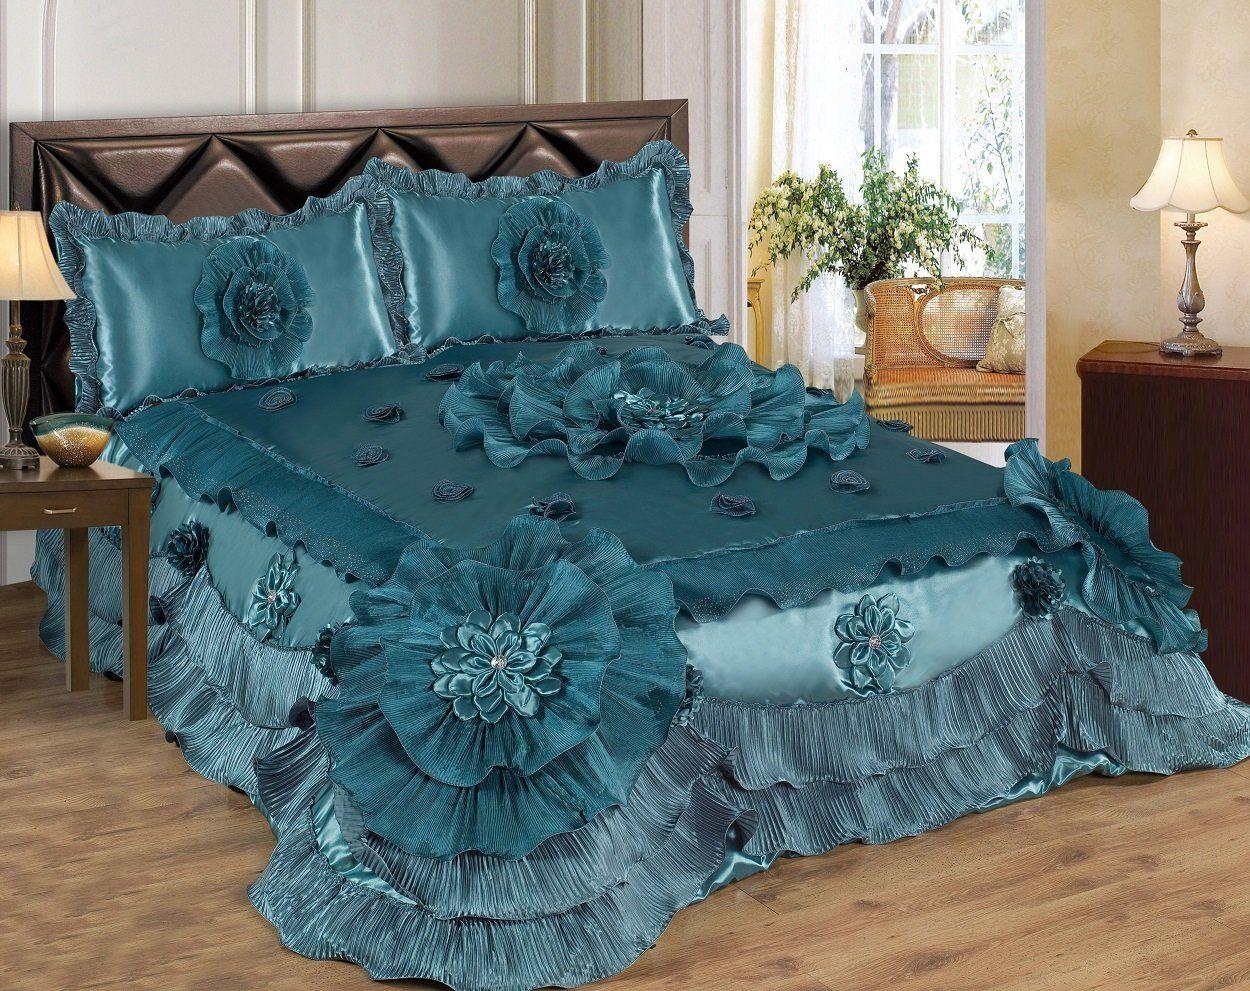 3 piece real 3d comforter set bedspread